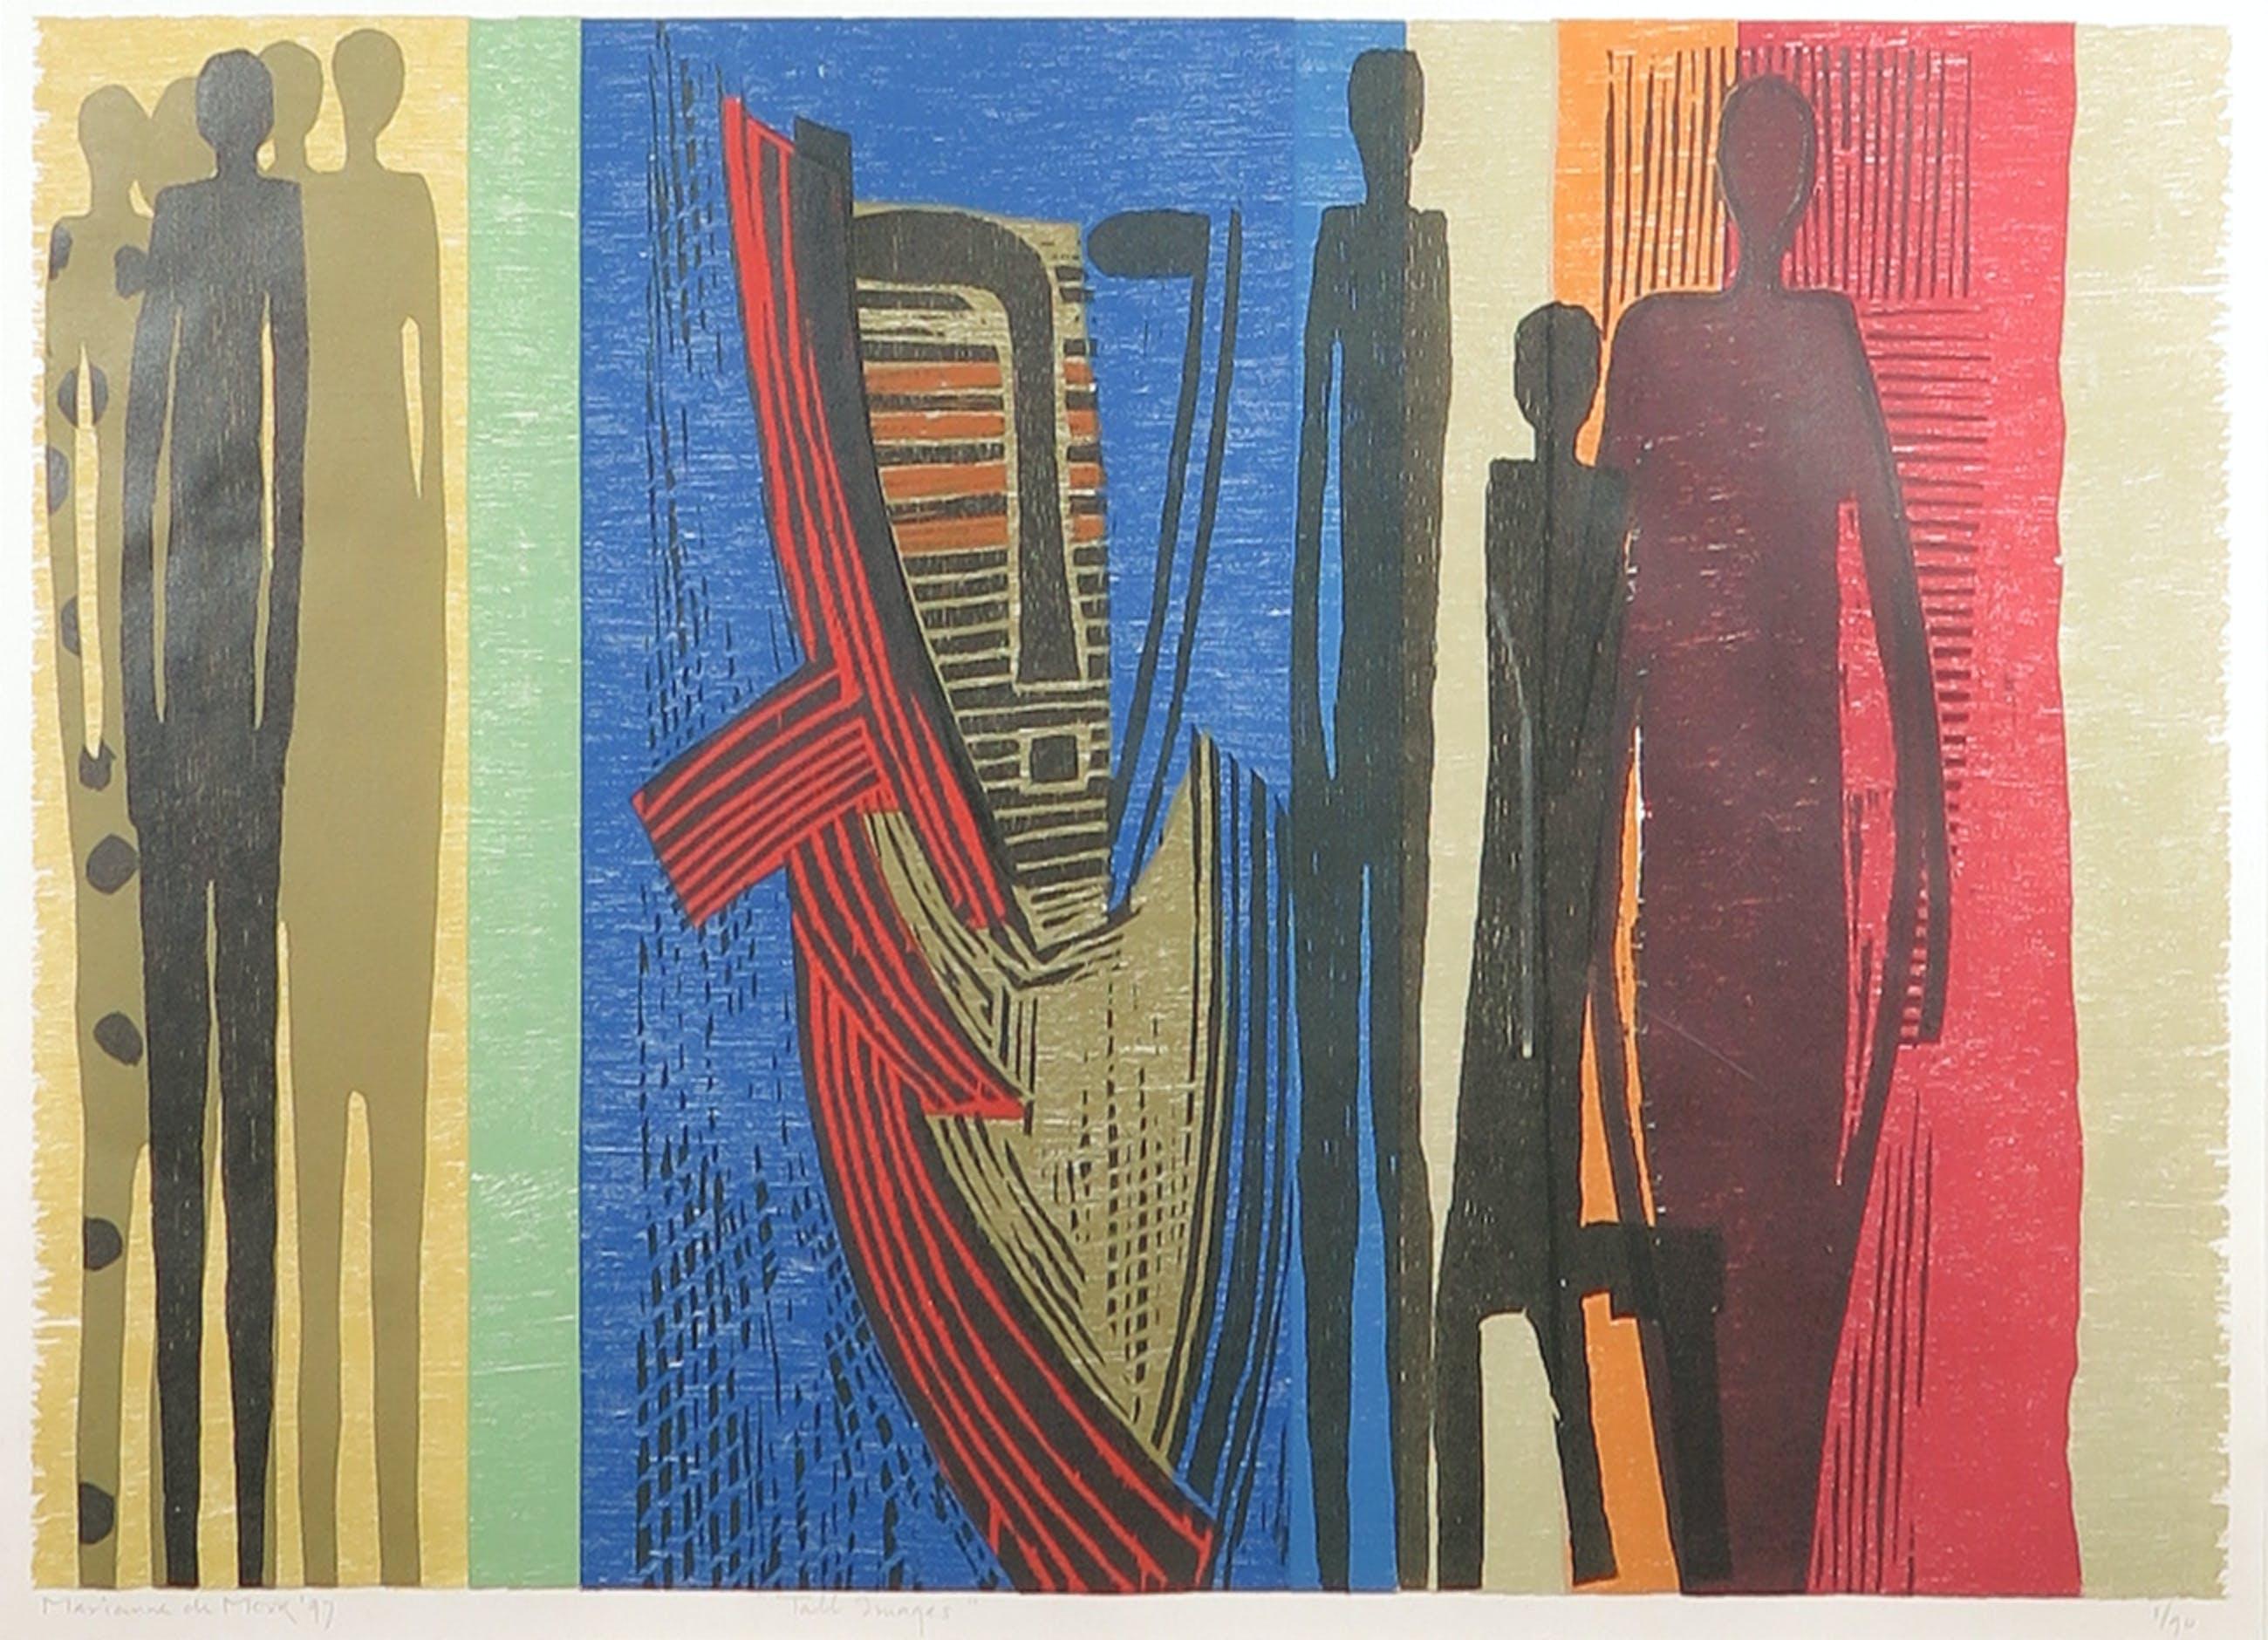 Marianne de Moor - Houtdruk, Tall images - Ingelijst (Groot) kopen? Bied vanaf 35!